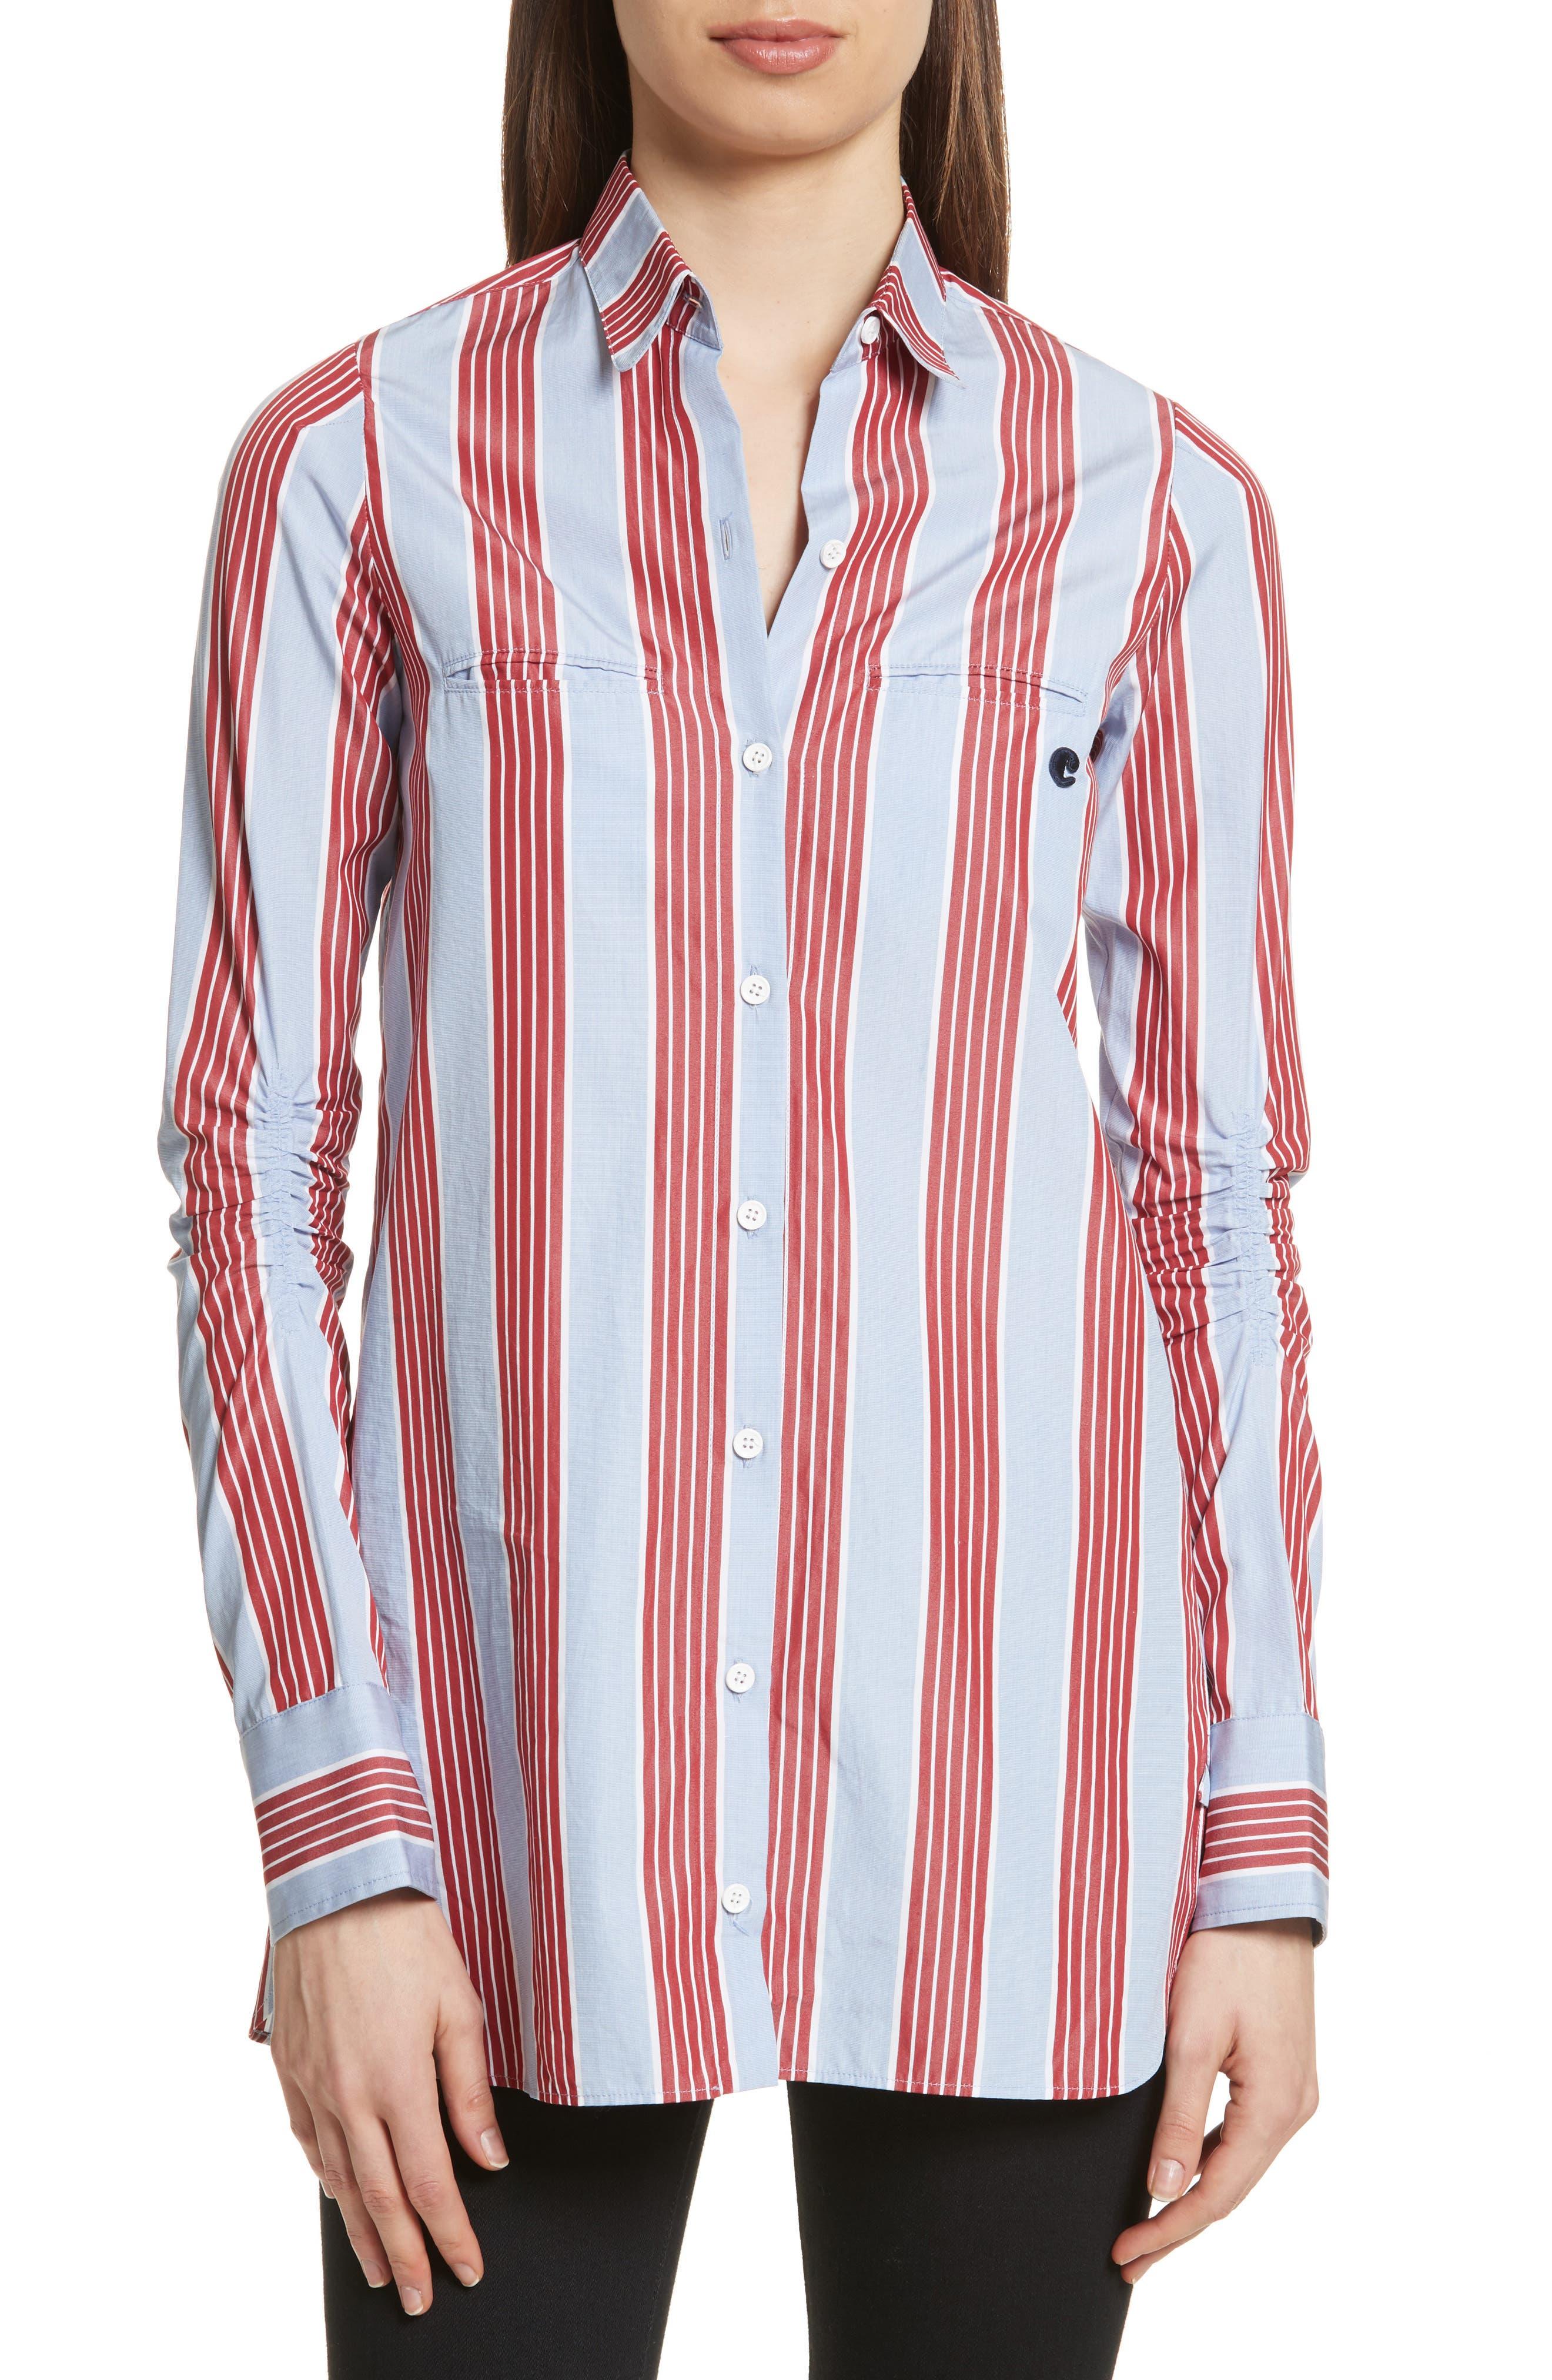 Chemise Manches Longues Stripe Shirt,                             Main thumbnail 1, color,                             Bleu Acier/ Rouge Fonce